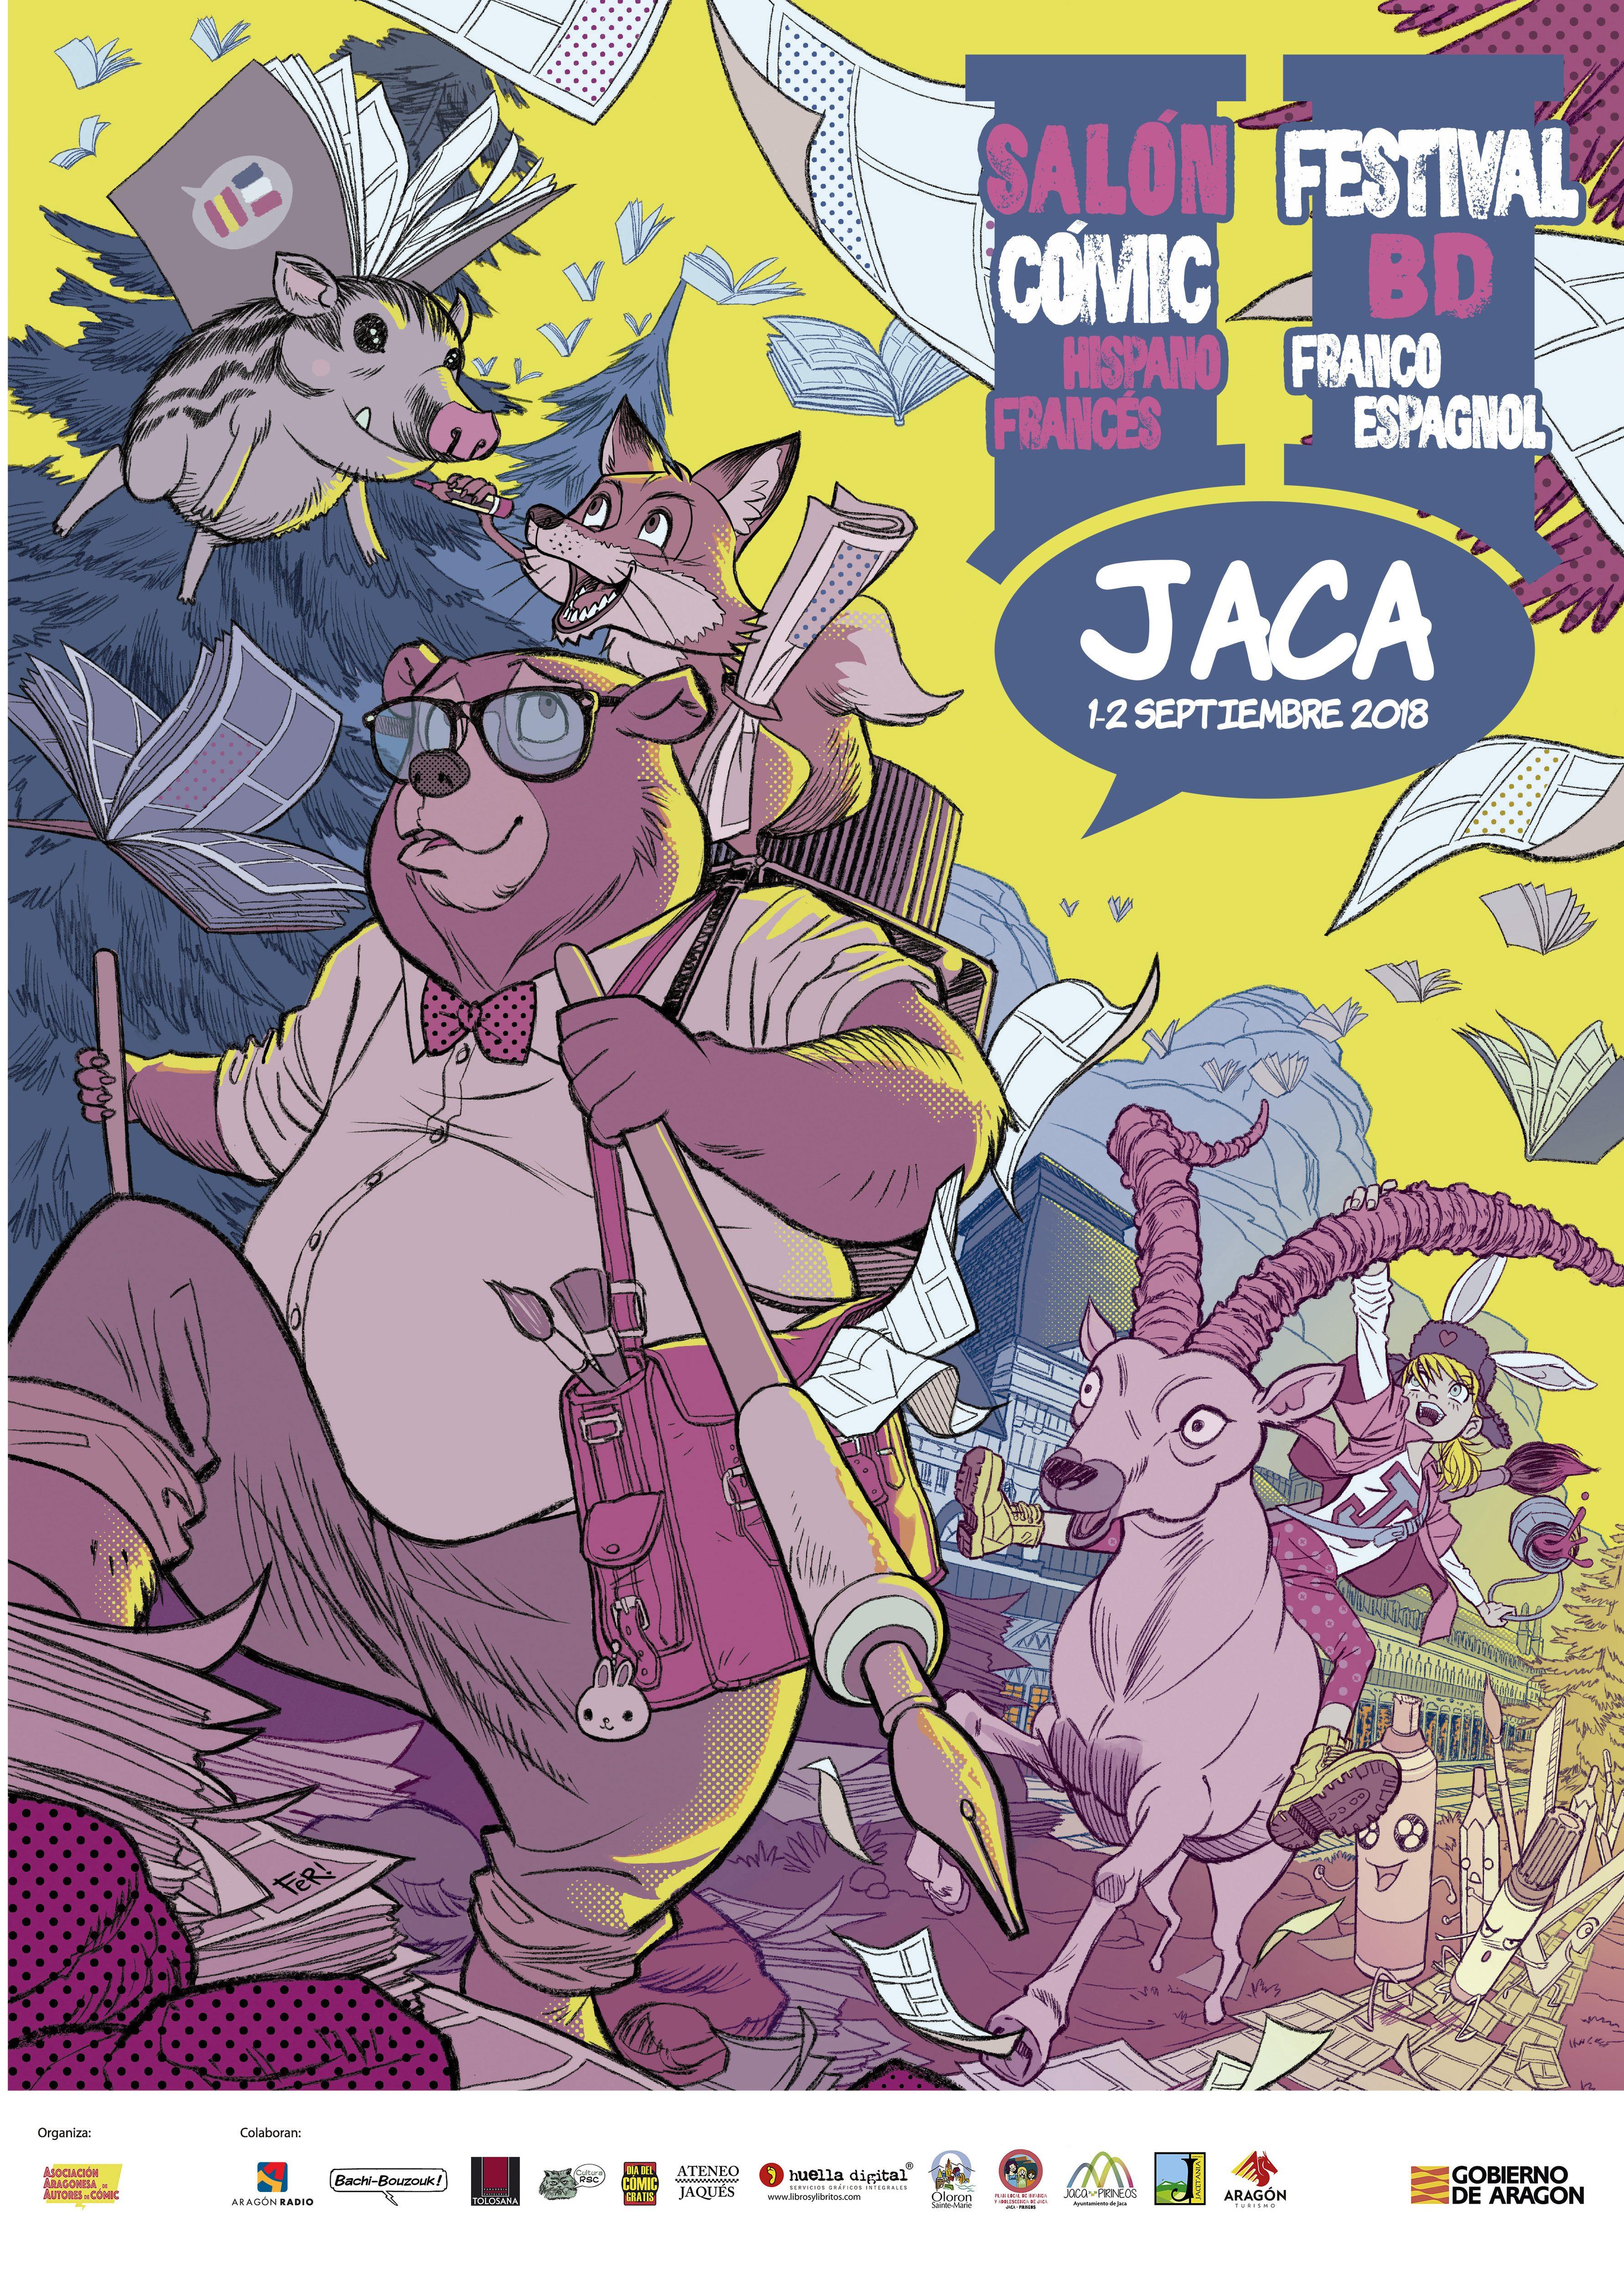 NOTA DE PRENSA Presentación en Zaragoza del II salón hispano-francés del cómic de Jaca